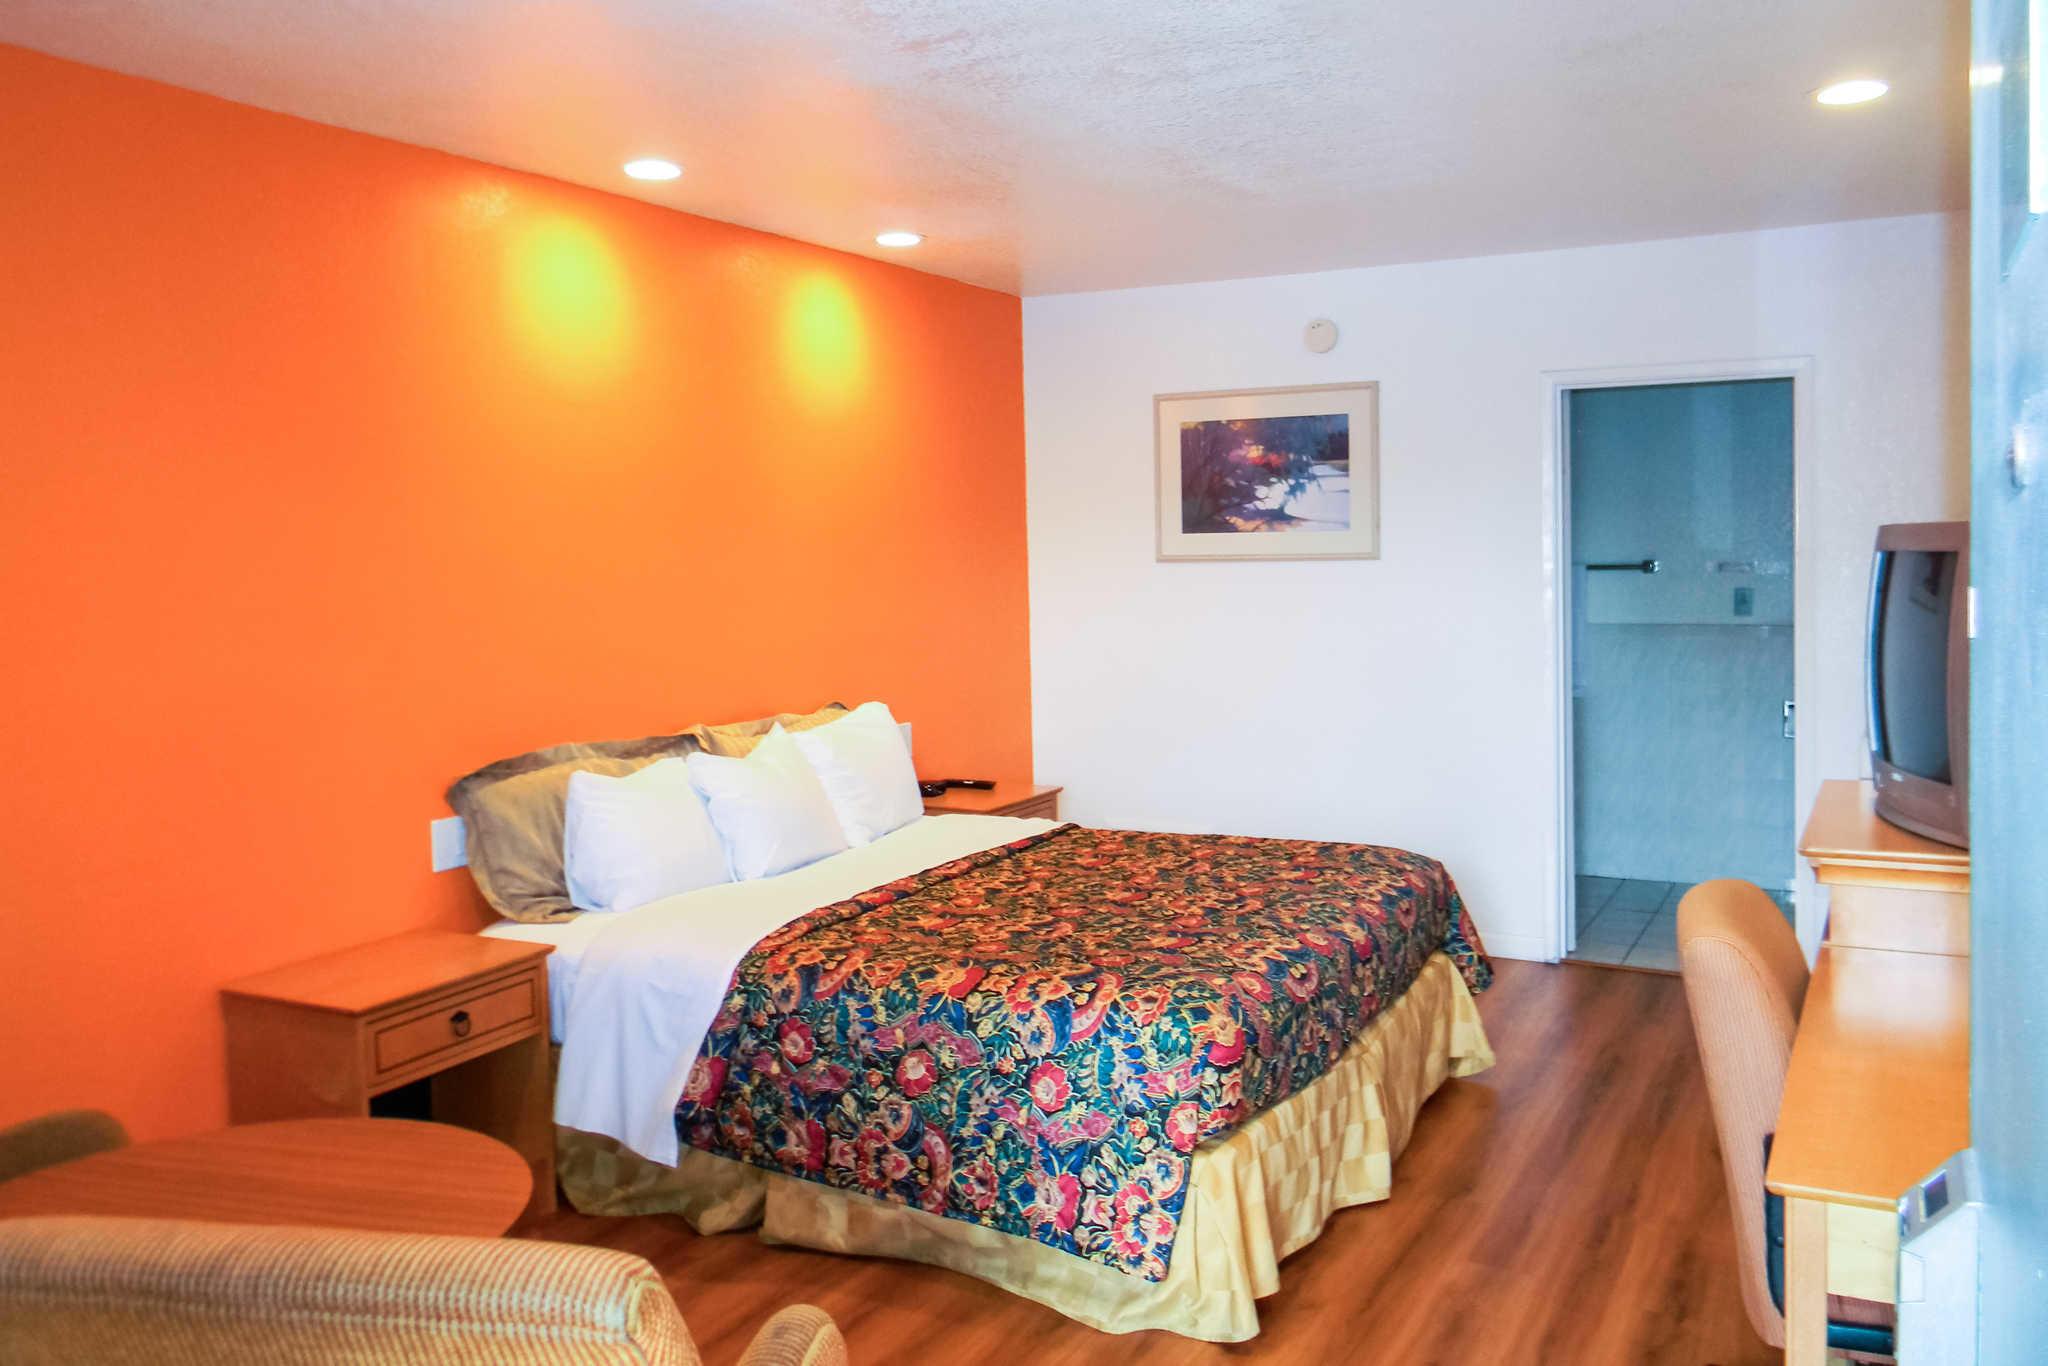 Alameda Ca Hotels Motels